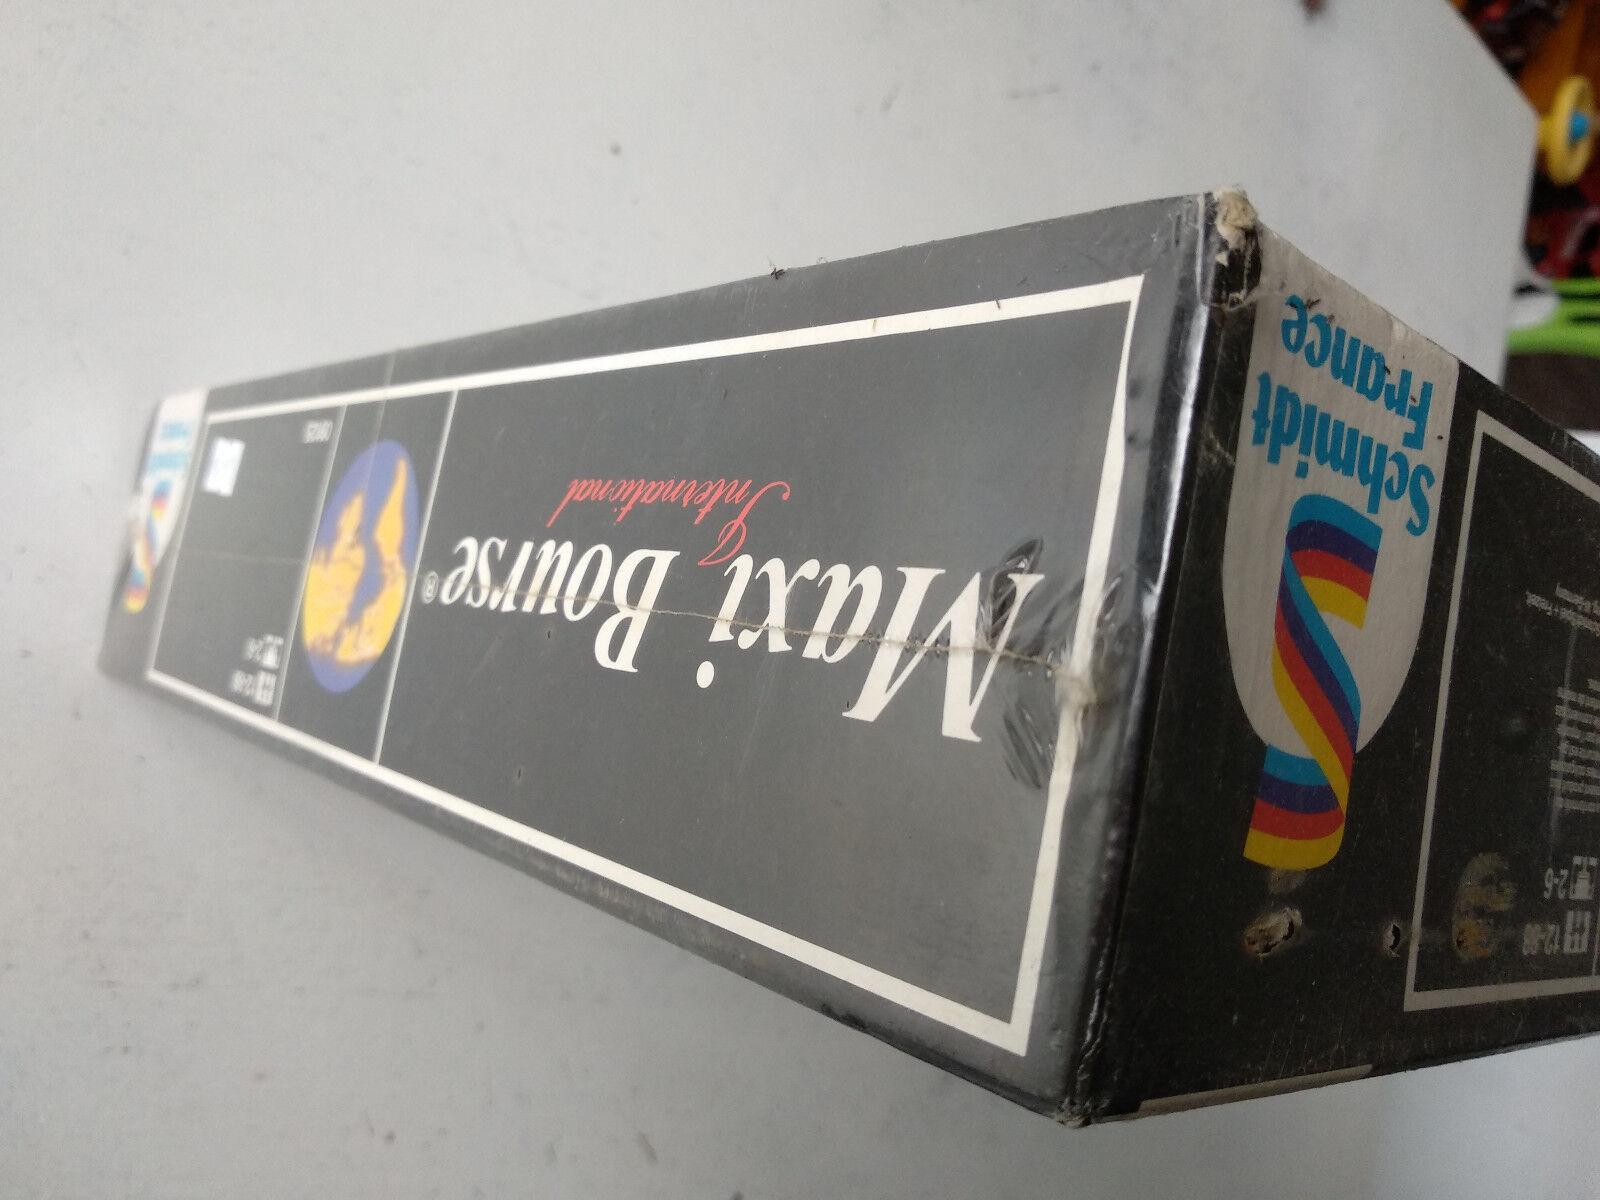 Maxi Bourse Bourse Maxi Schmidt International 1987 COMPLET NEUF blister b4b1d1